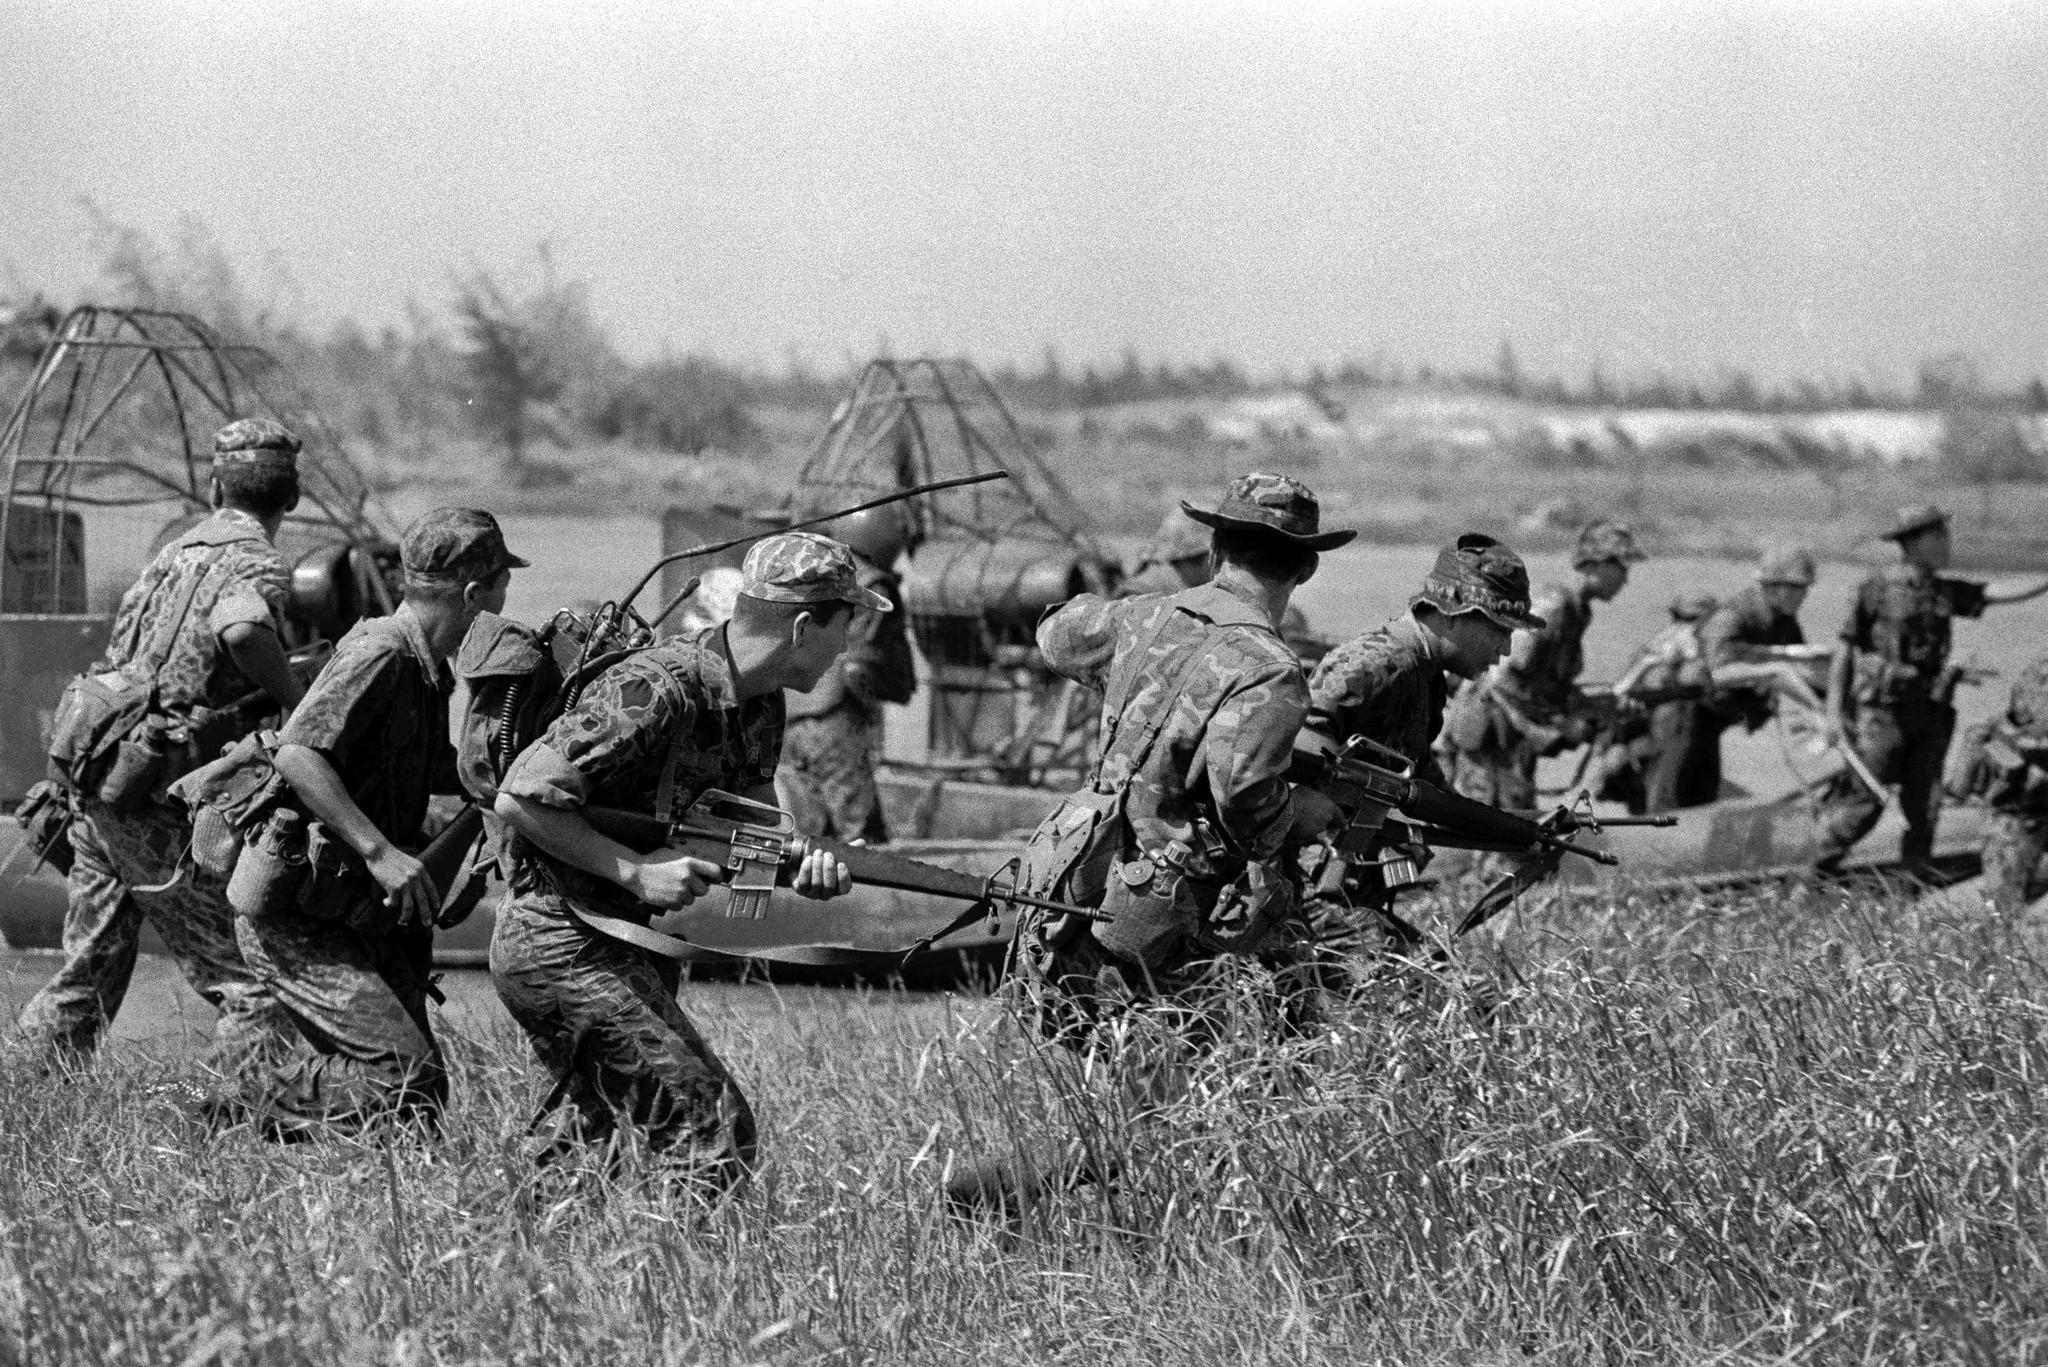 After the Vietnam War